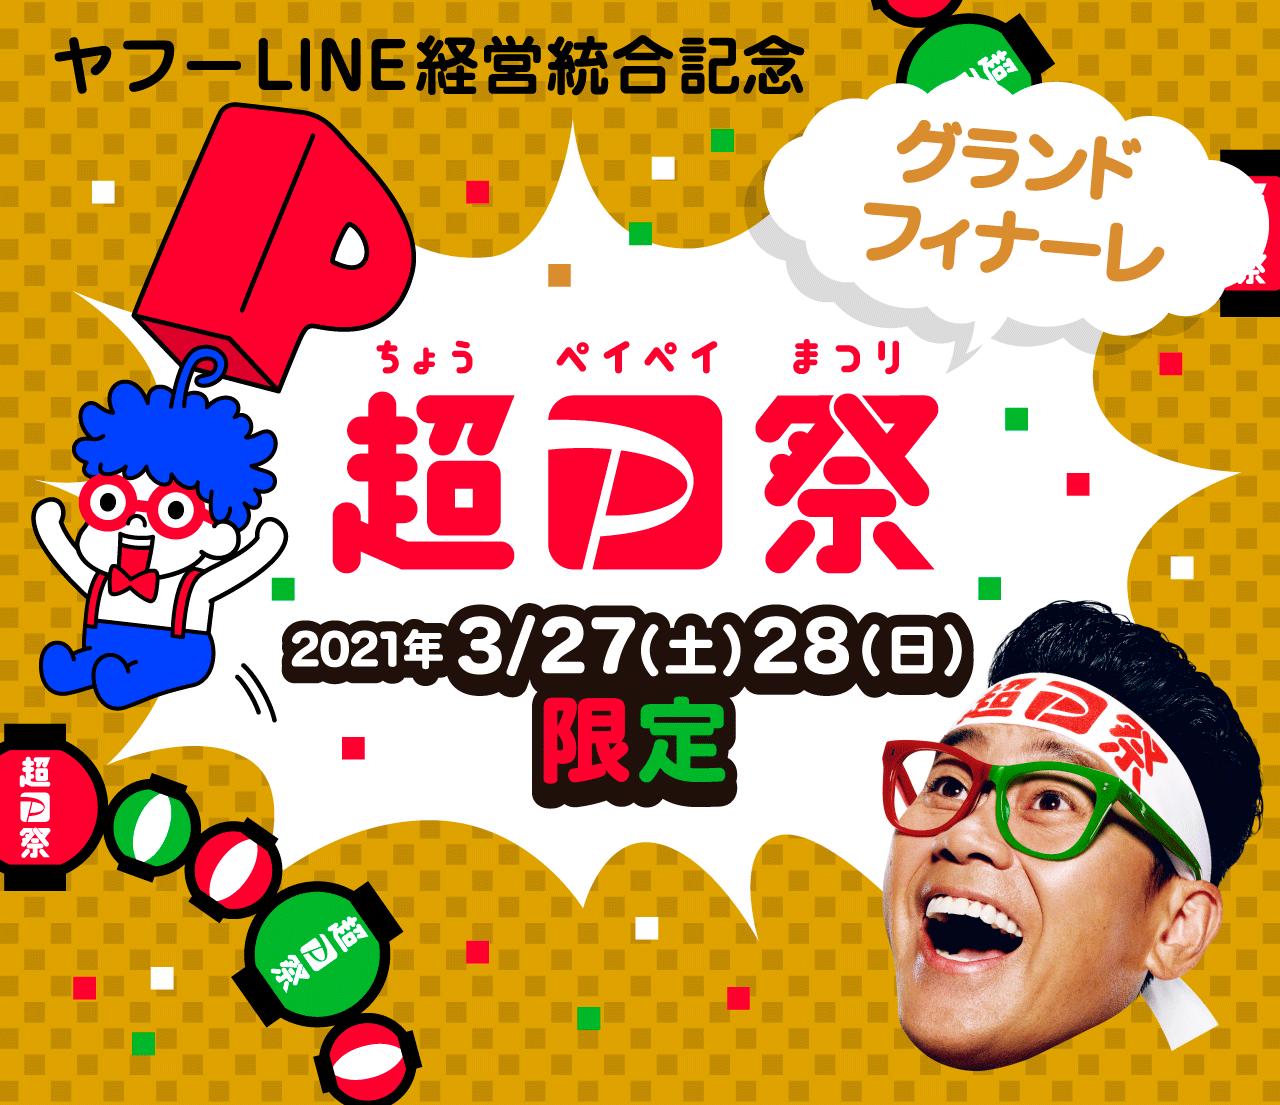 超ペイペイ祭グランドフィナーレ 2021年3/27(土)28(日)限定